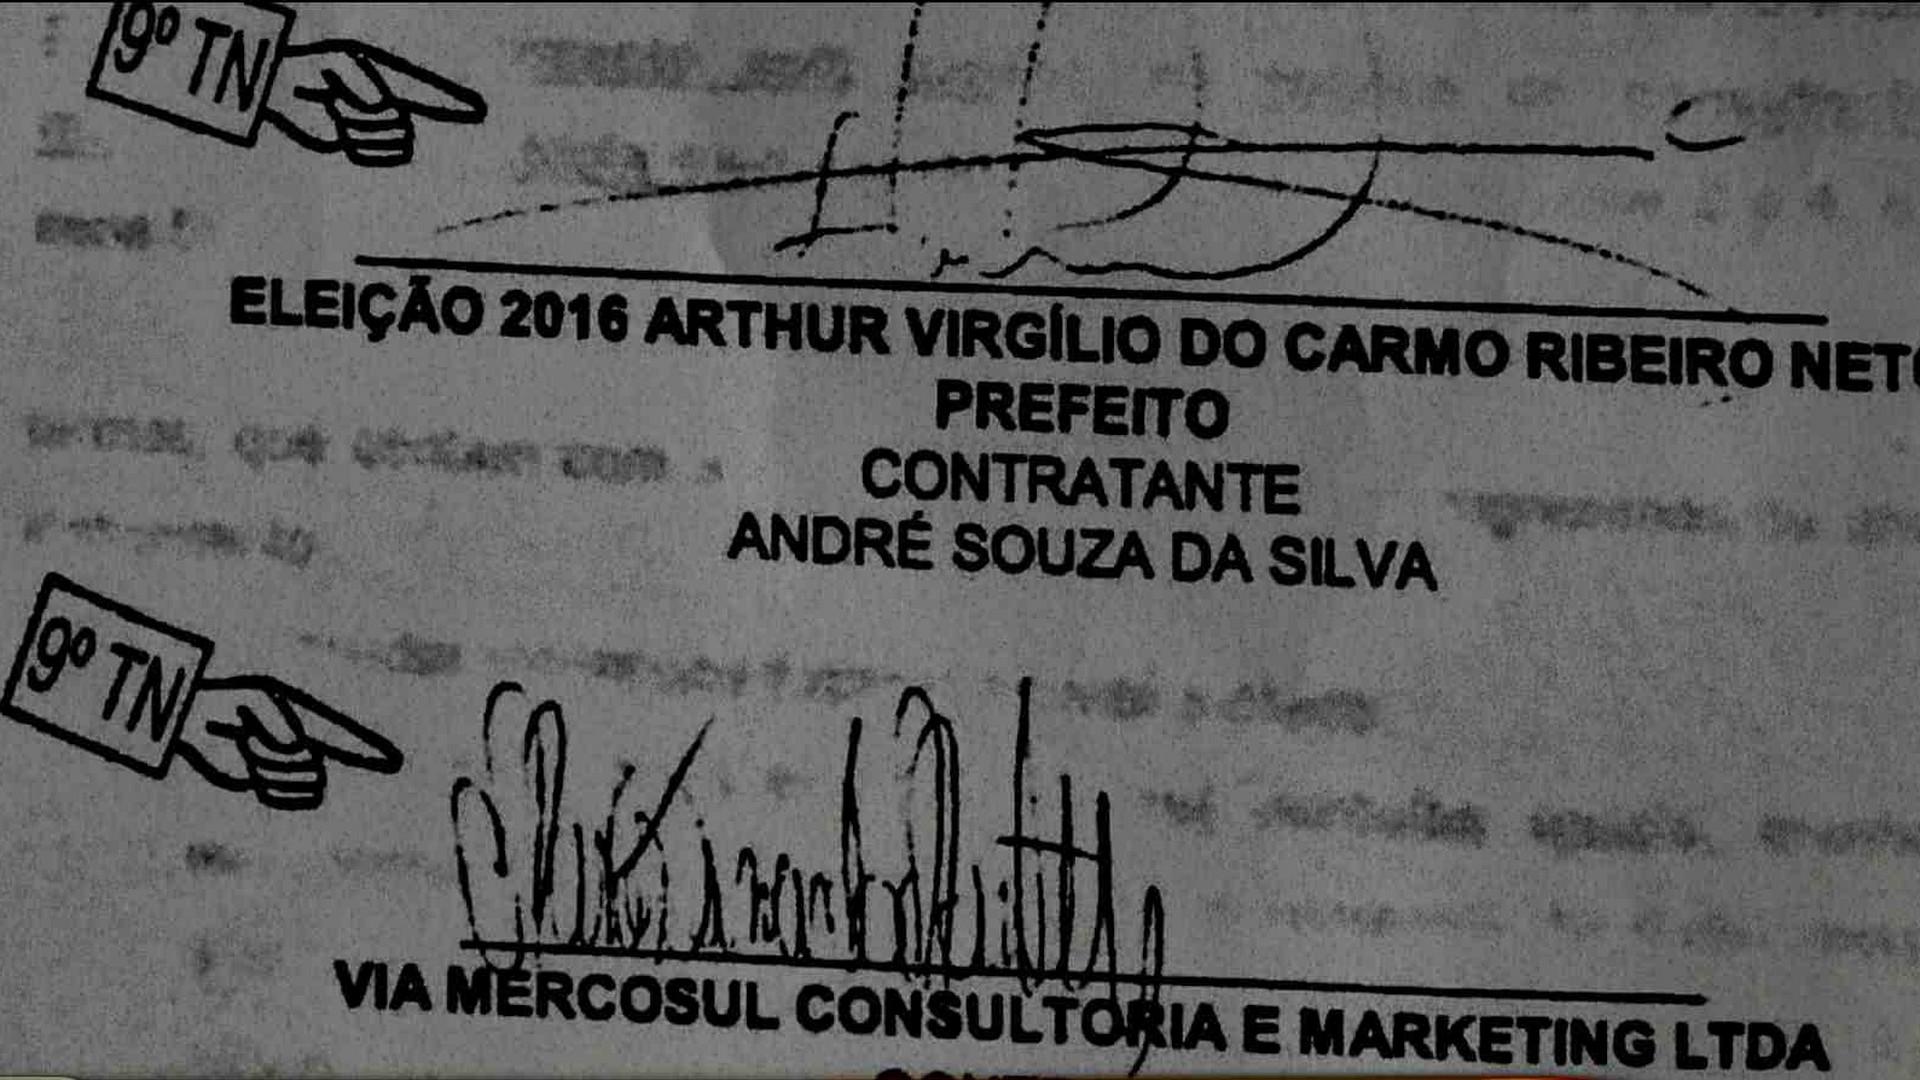 PREFEITO ARTHUR NETO DEVE 900 MIL REAIS A MARQUETEIRO - Manhã No Ar - 12/12/17 - Manhã no Ar 12/12/2017